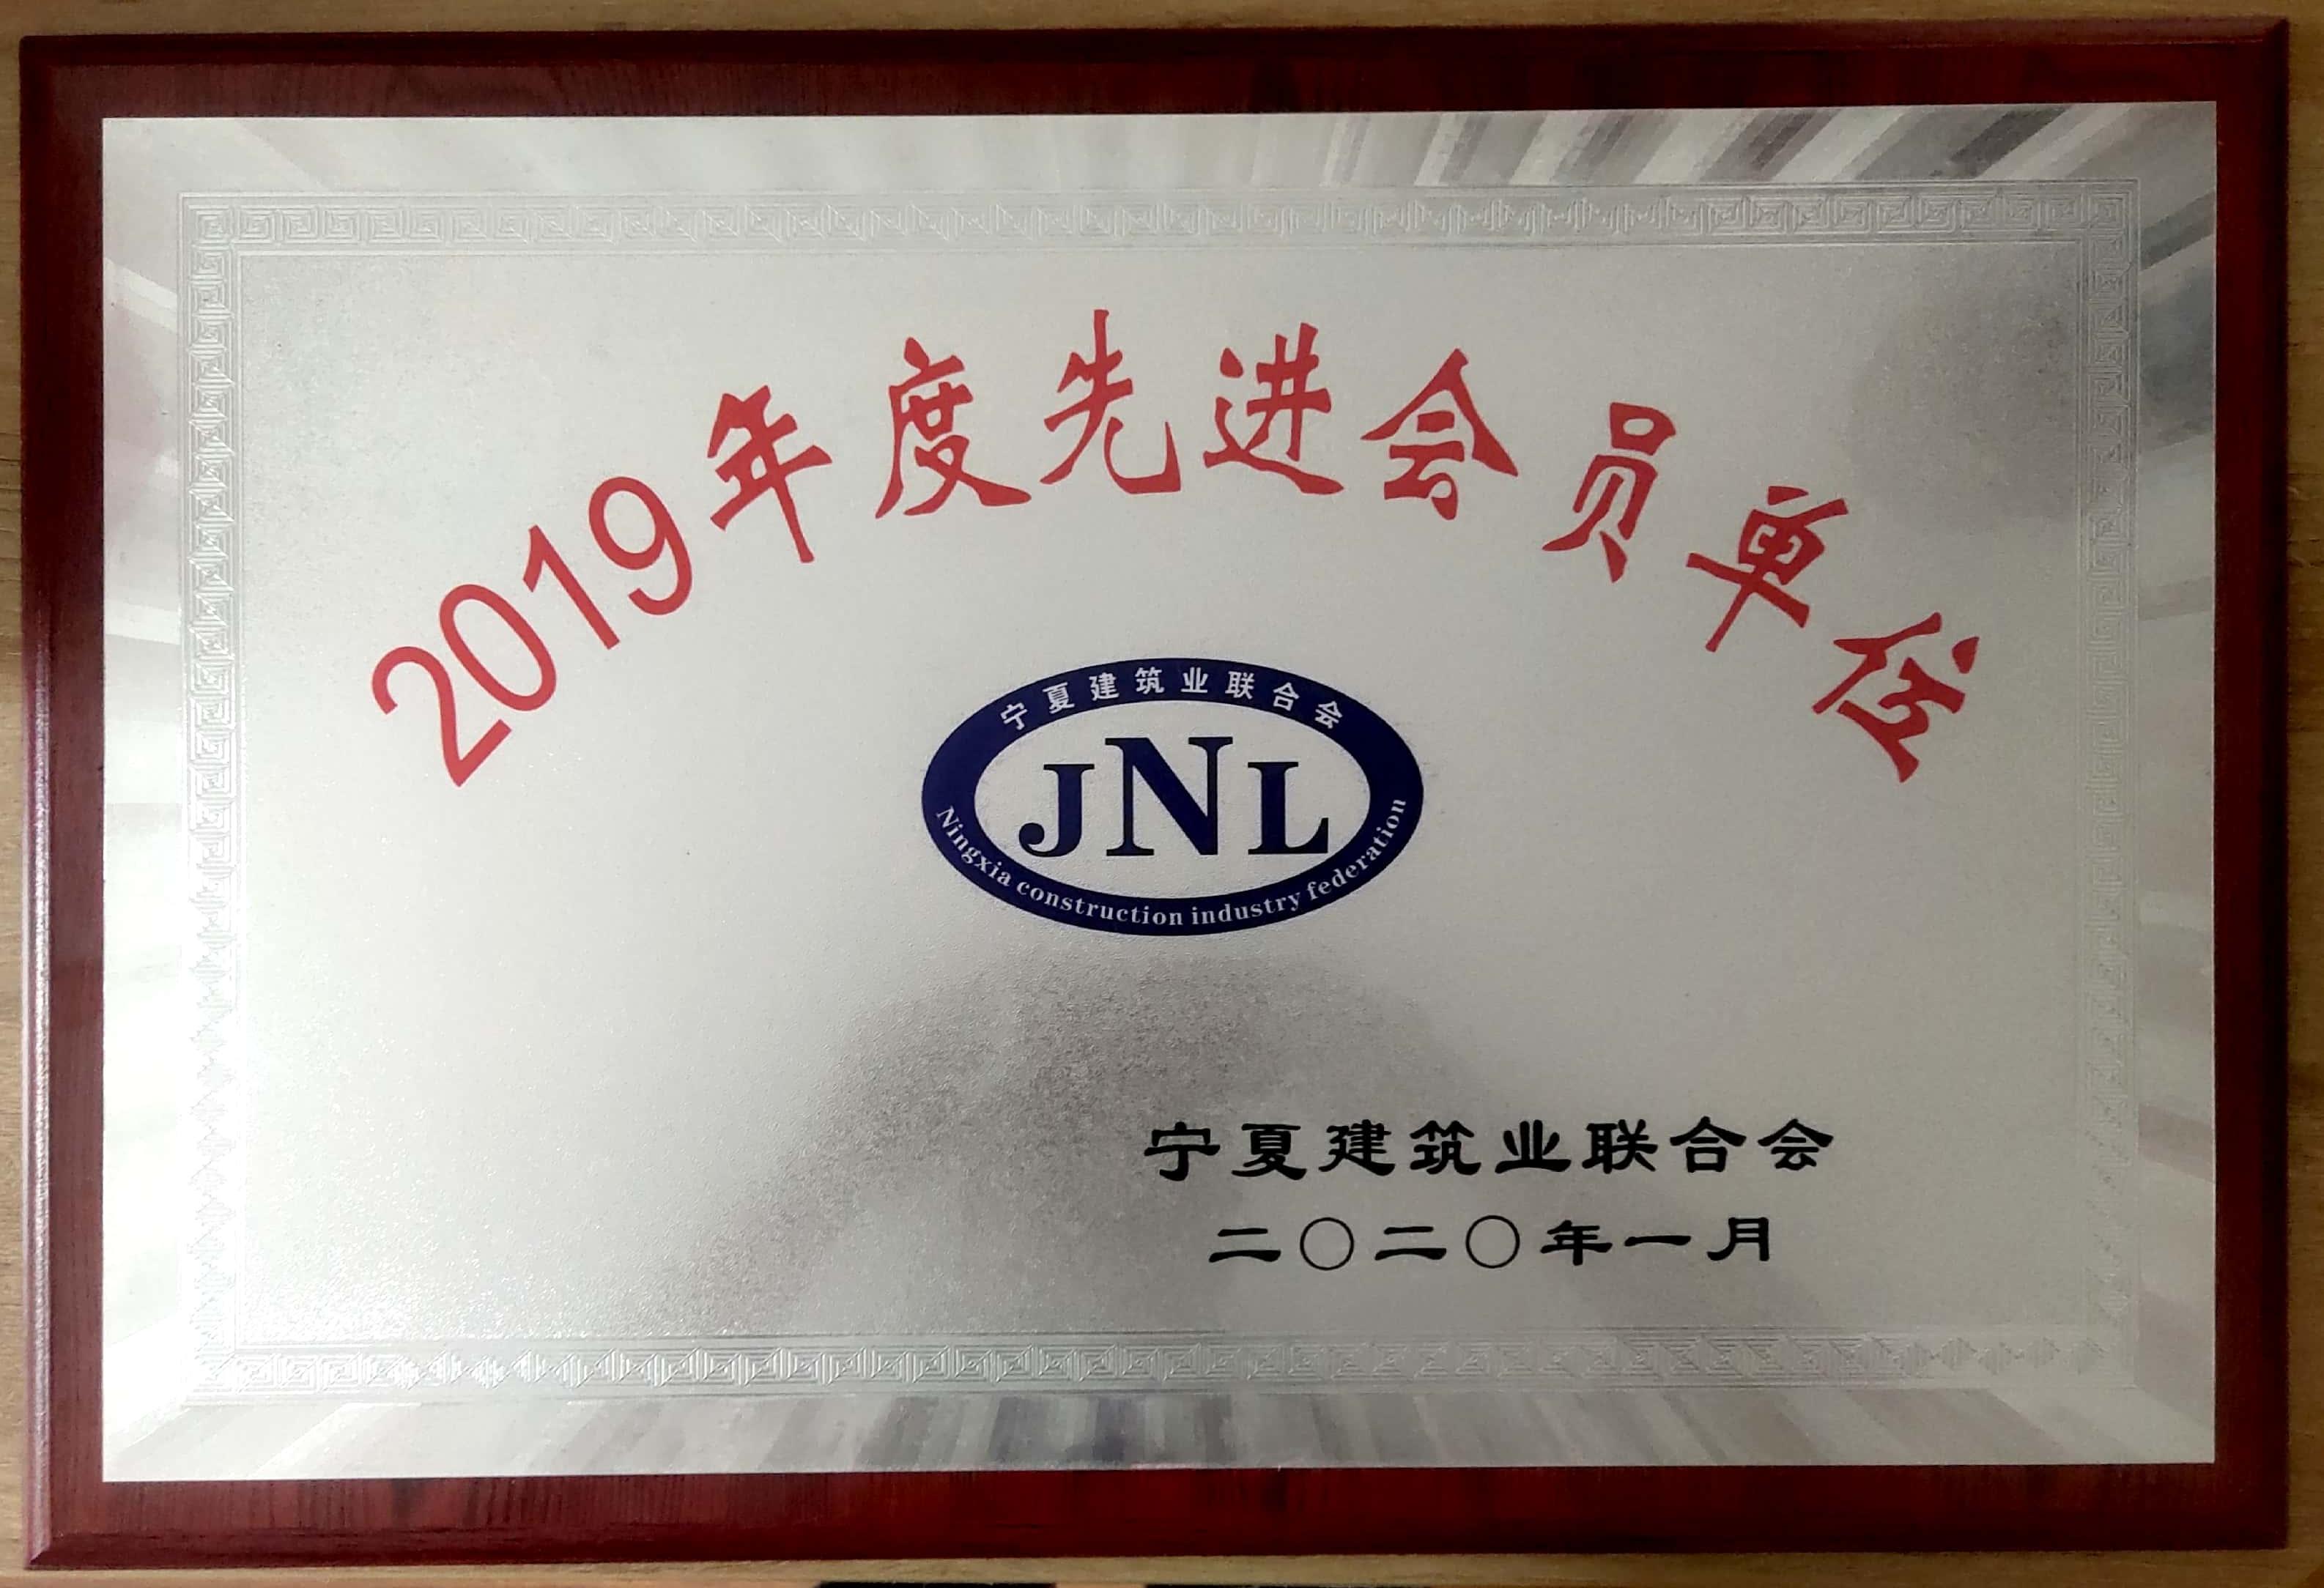 【奖项荣誉】2019年度自治区级建筑行业先进单位